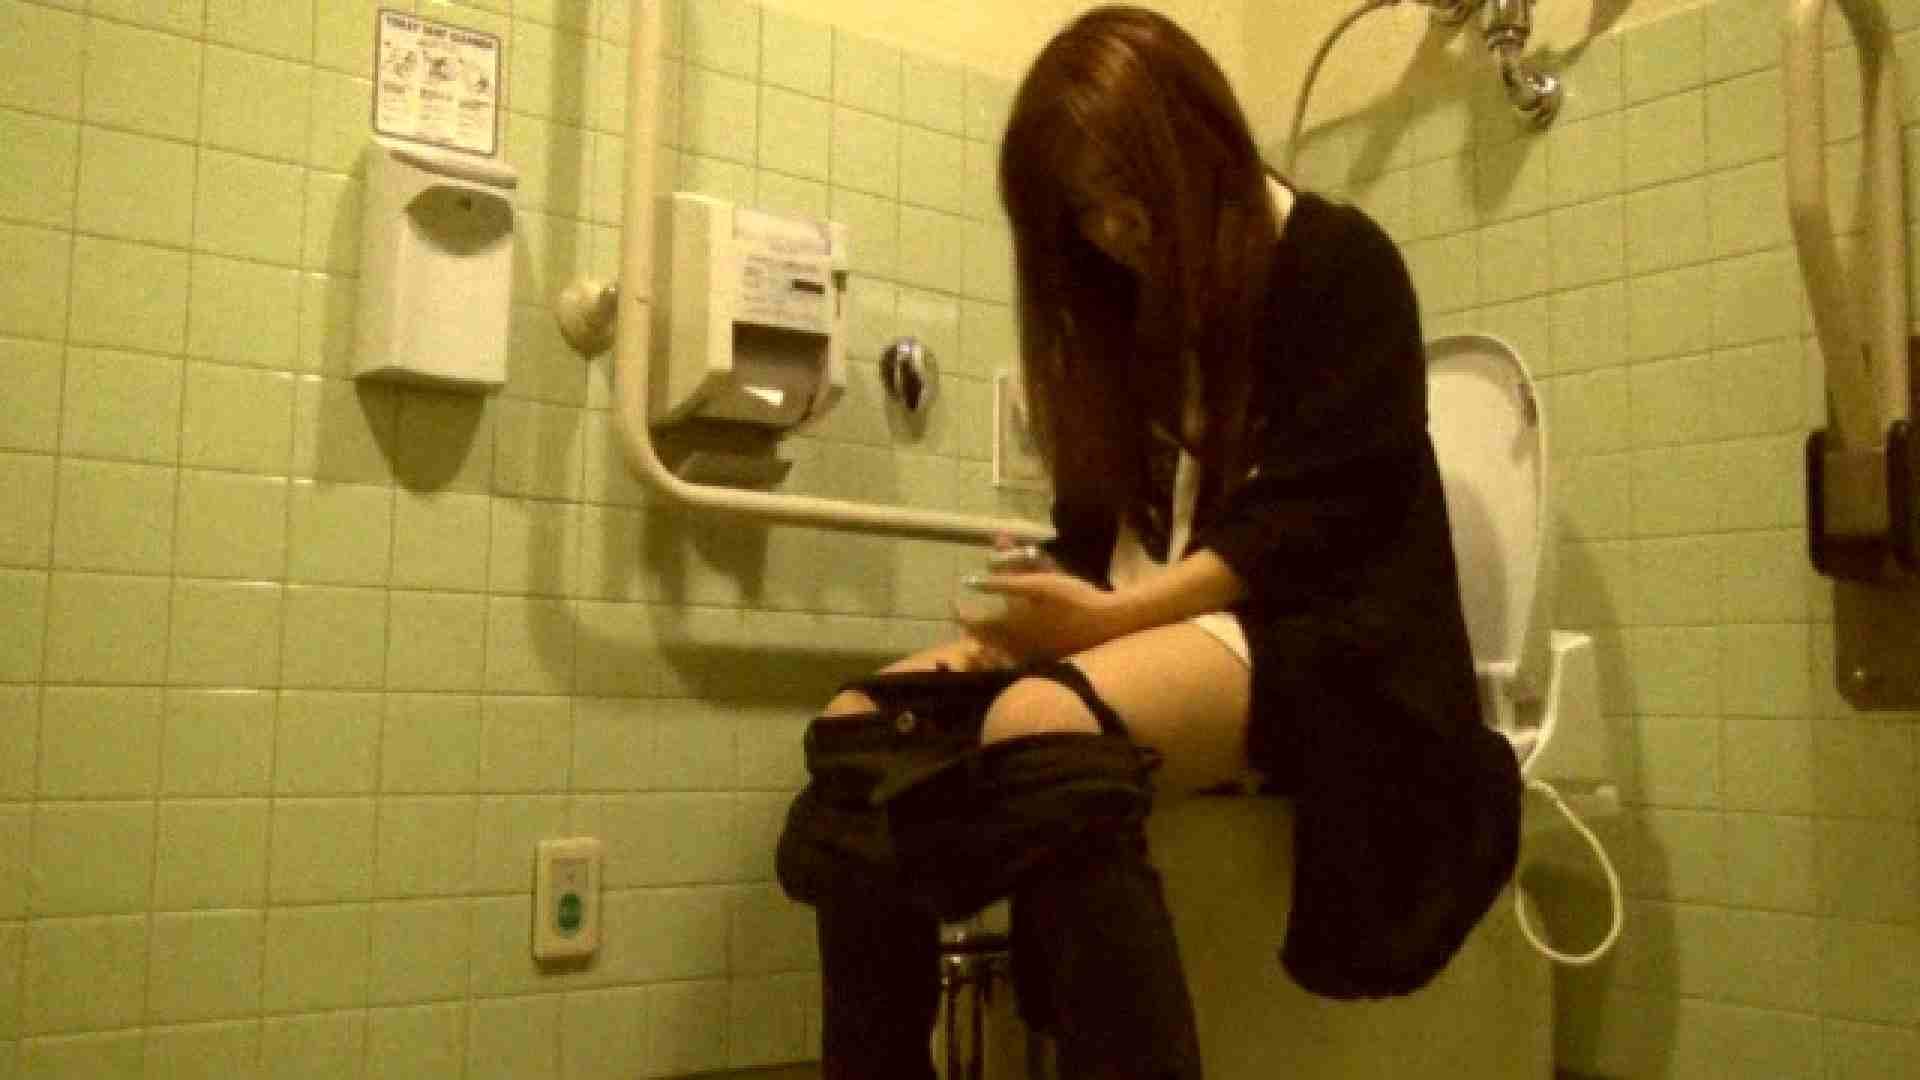 魔術師の お・も・て・な・し vol.26 19歳のバーの店員さんの洗面所をしばし… 美しいOLの裸体 | イタズラ  73pic 64